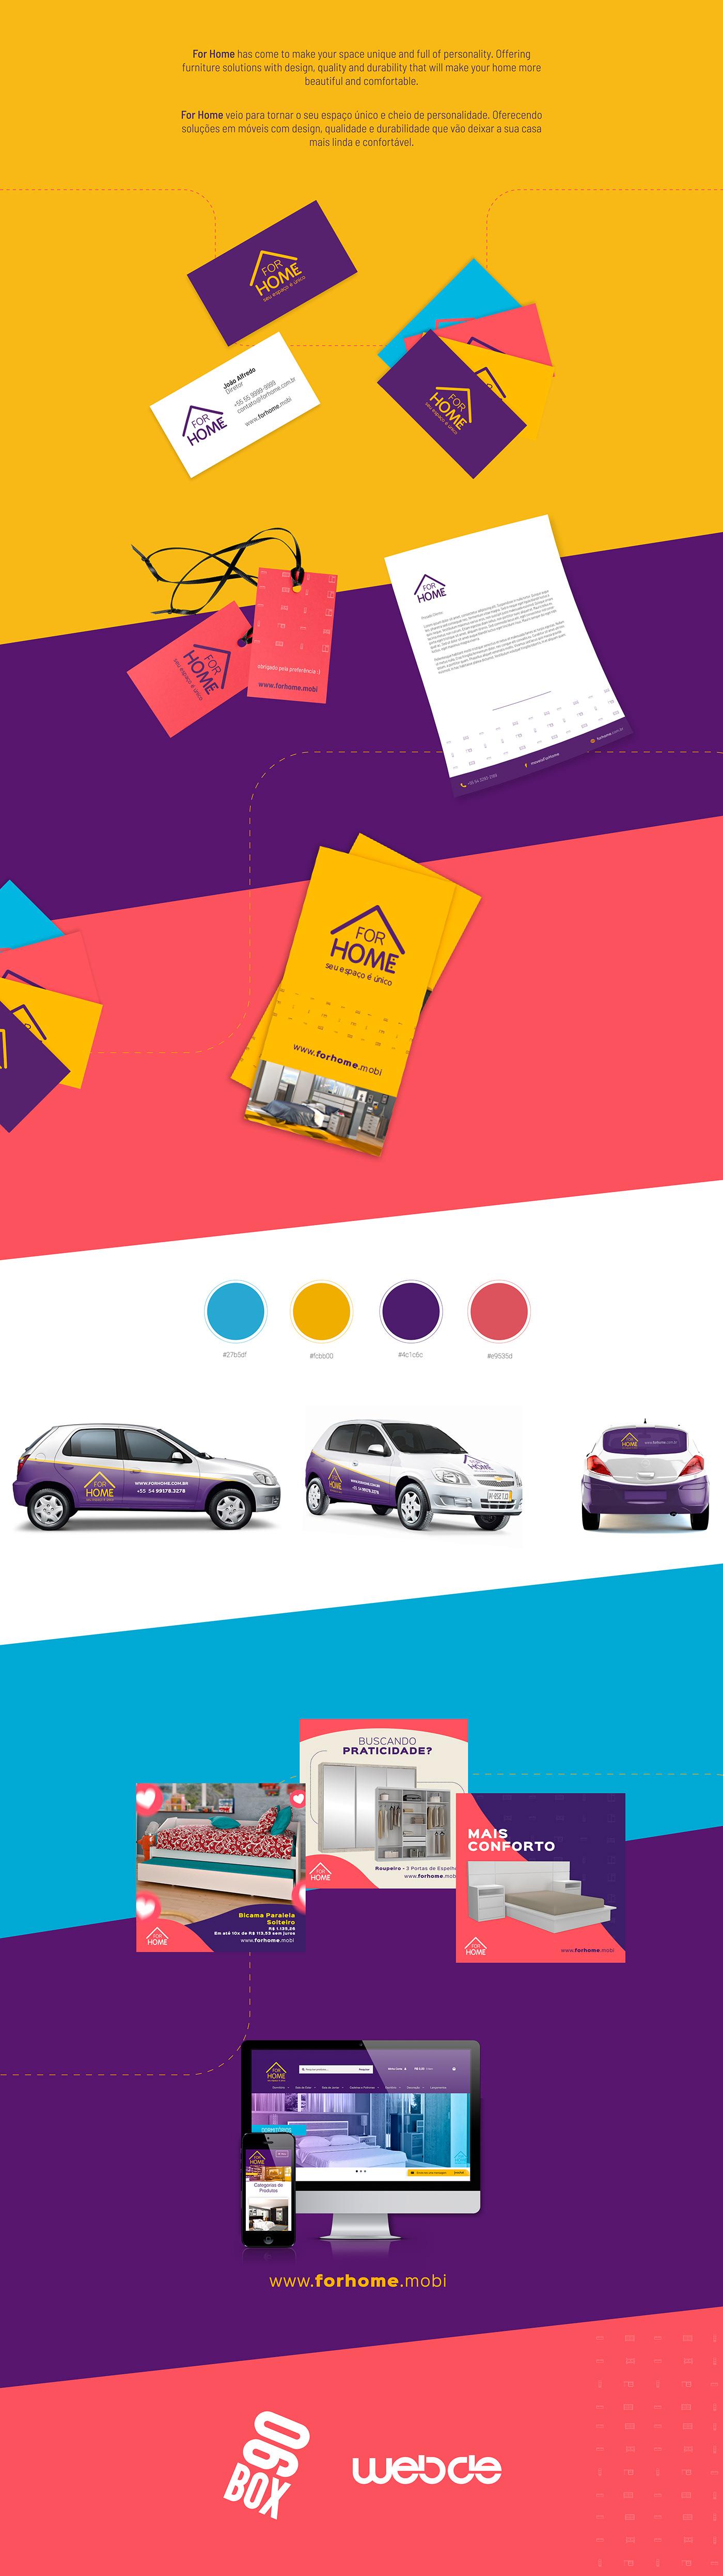 marca brand branding  colors identidade móveis logo graphic design home